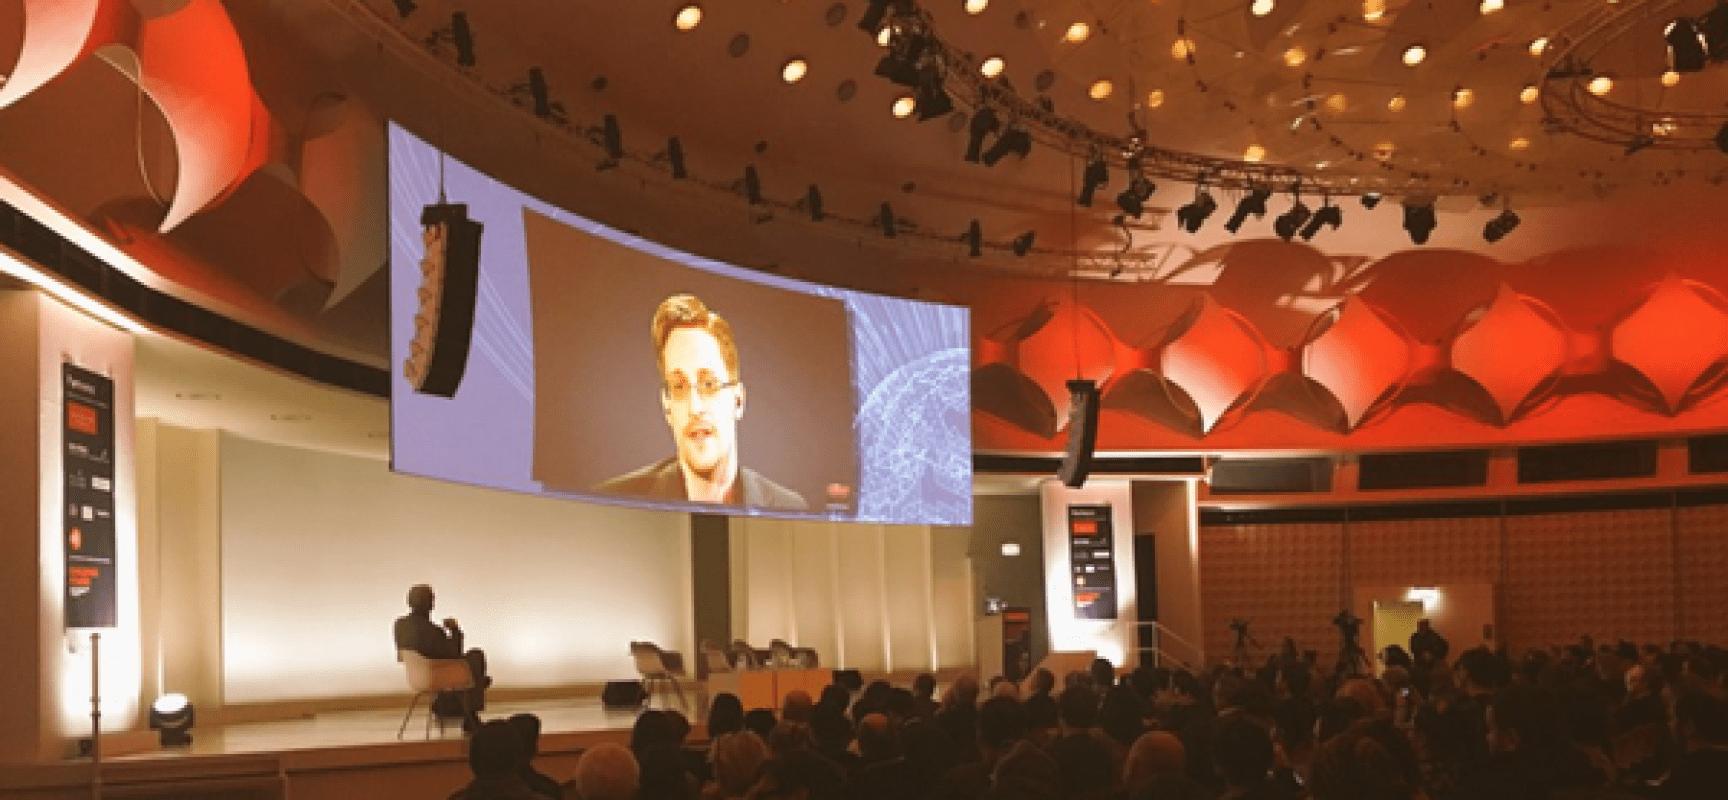 Edward Snowden: « nous devons nous emparer des moyens de communication » pour préserver nos libertés de base